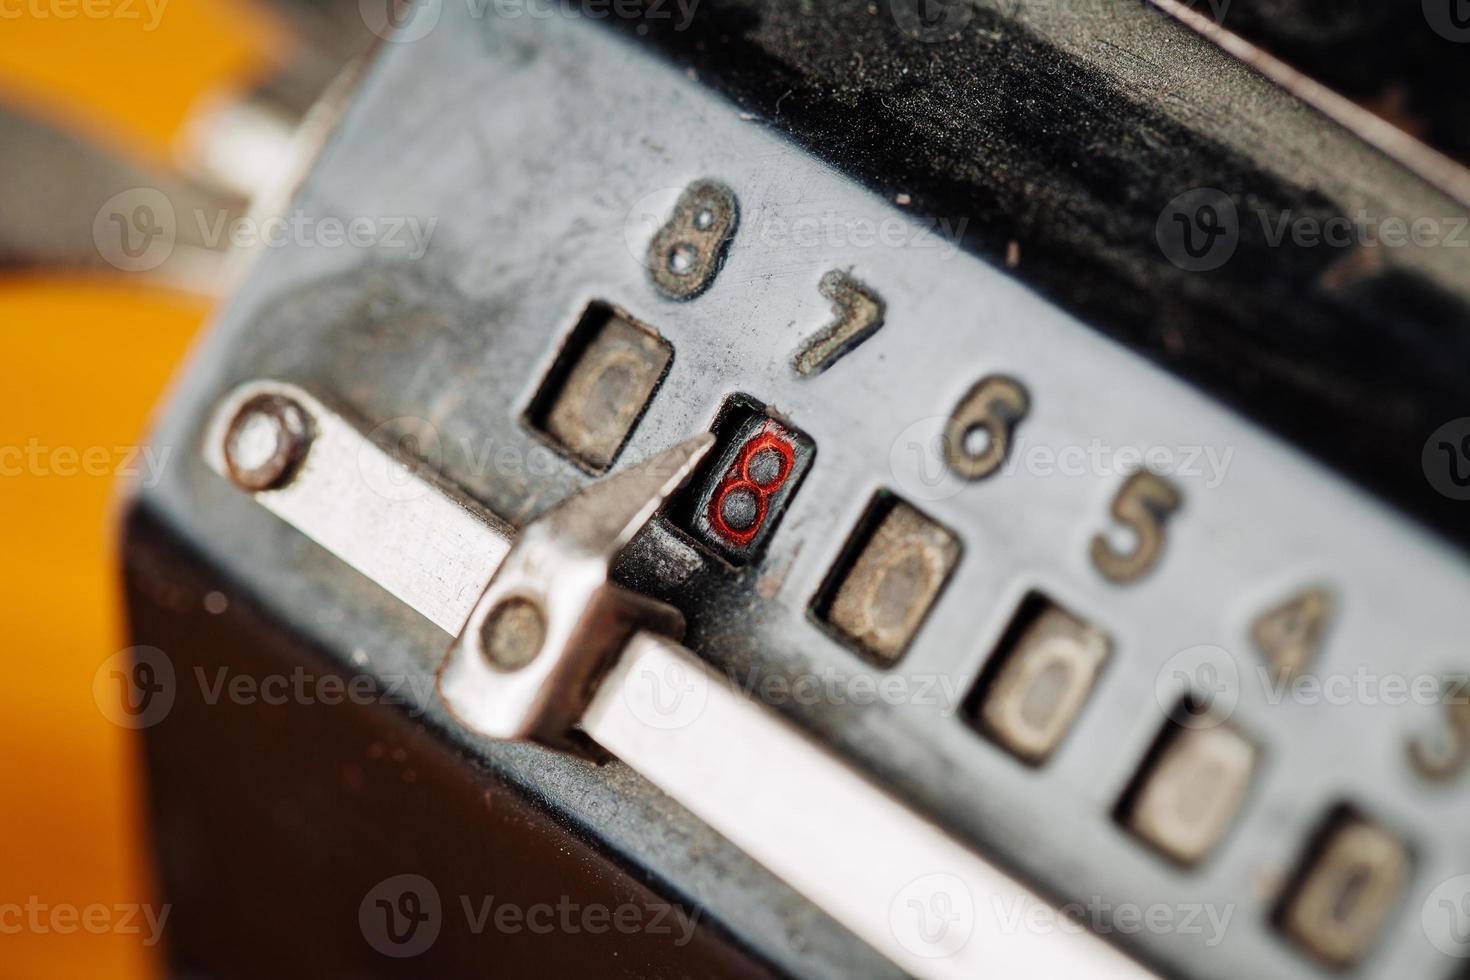 máquina de contagem manual mecânica vintage para cálculos matemáticos foto